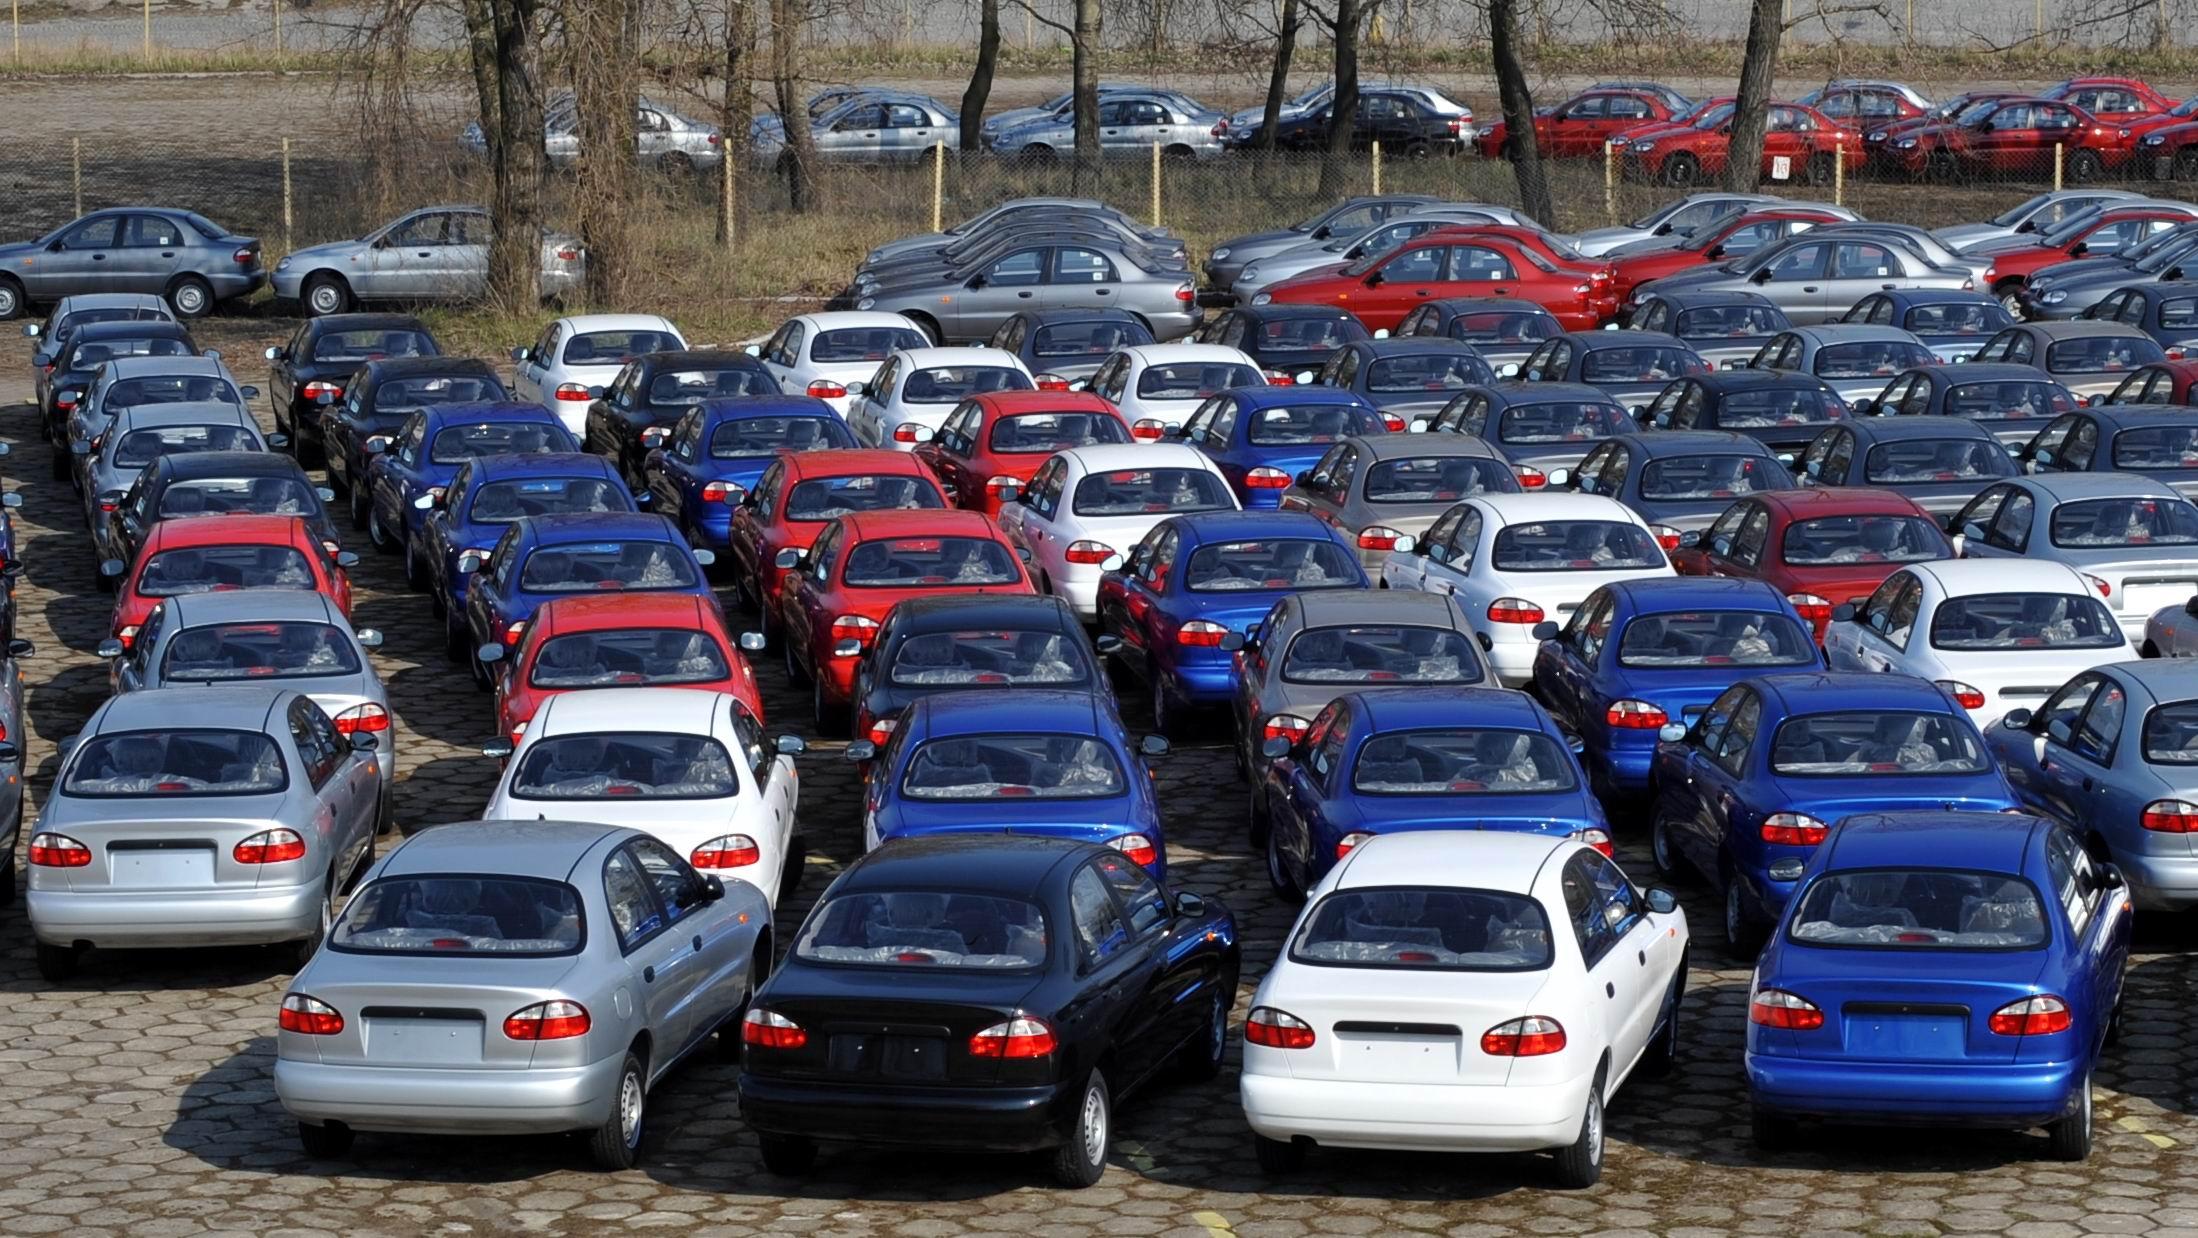 Автомобили ЗАЗ тоже могут подорожать в сентябре